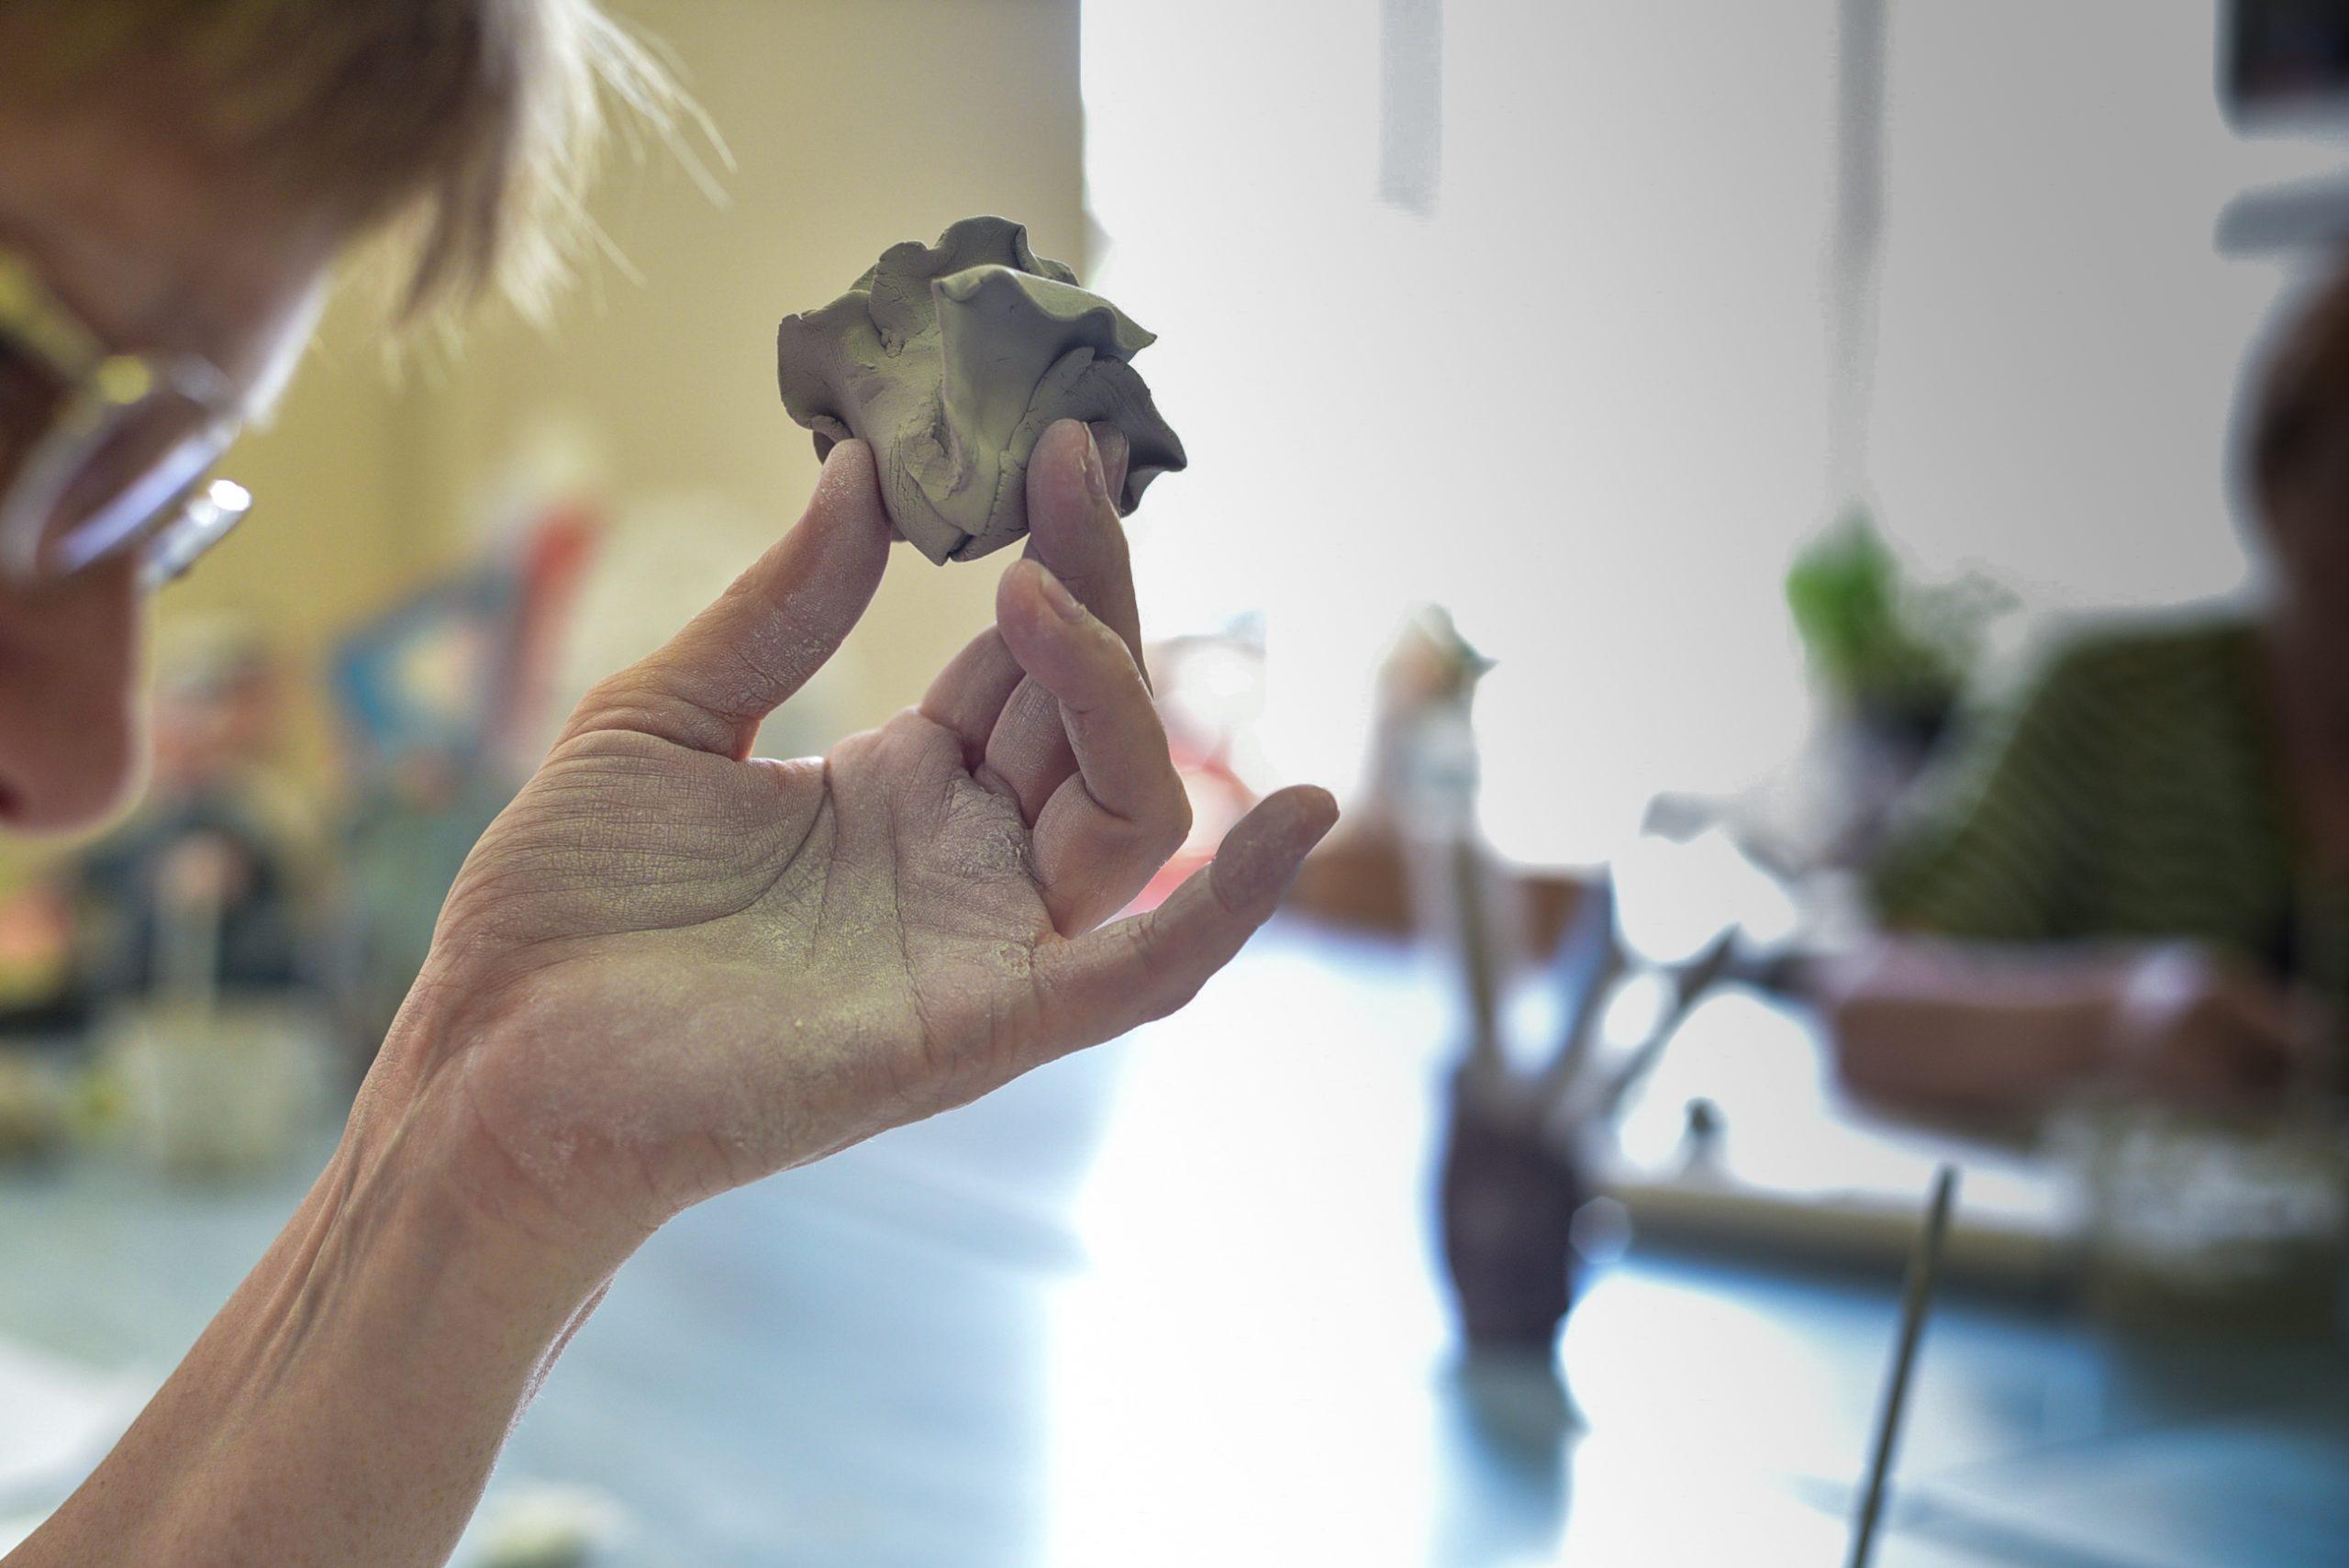 Онлайн-лекцию на тему керамики организуют в «Царицыне»